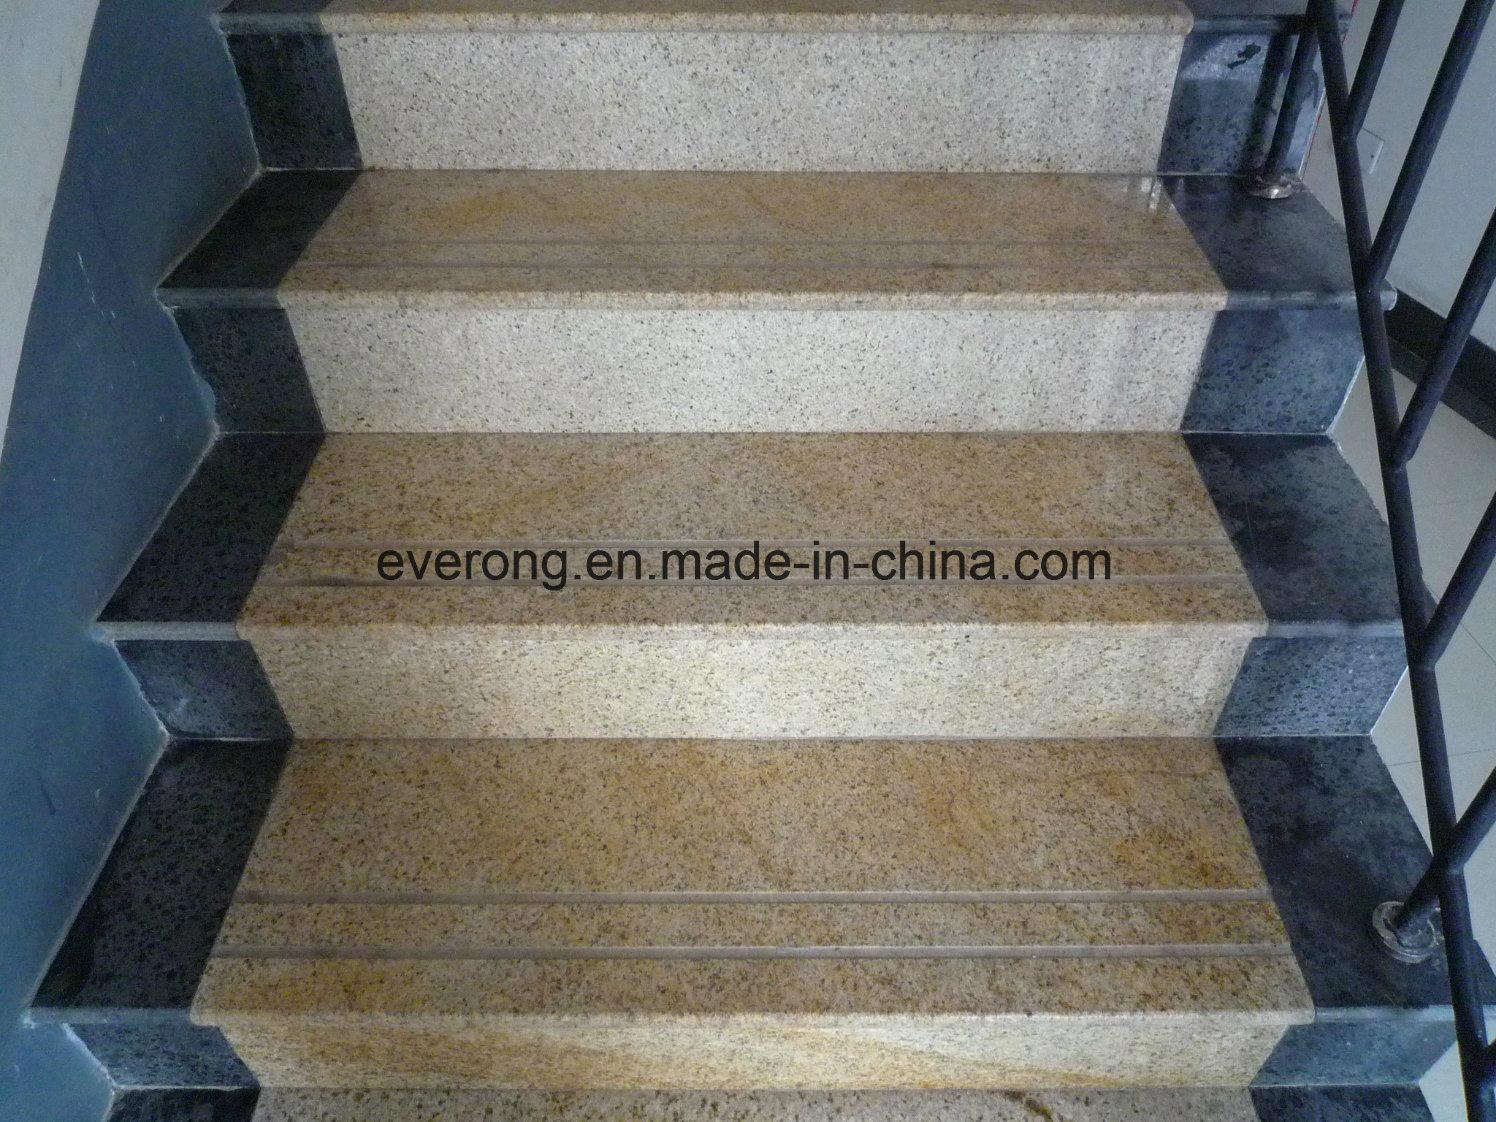 Mixed Color Granite Design Tile Full Polished Glazed Step/Stair/Tread Tile  Indoor Decoration